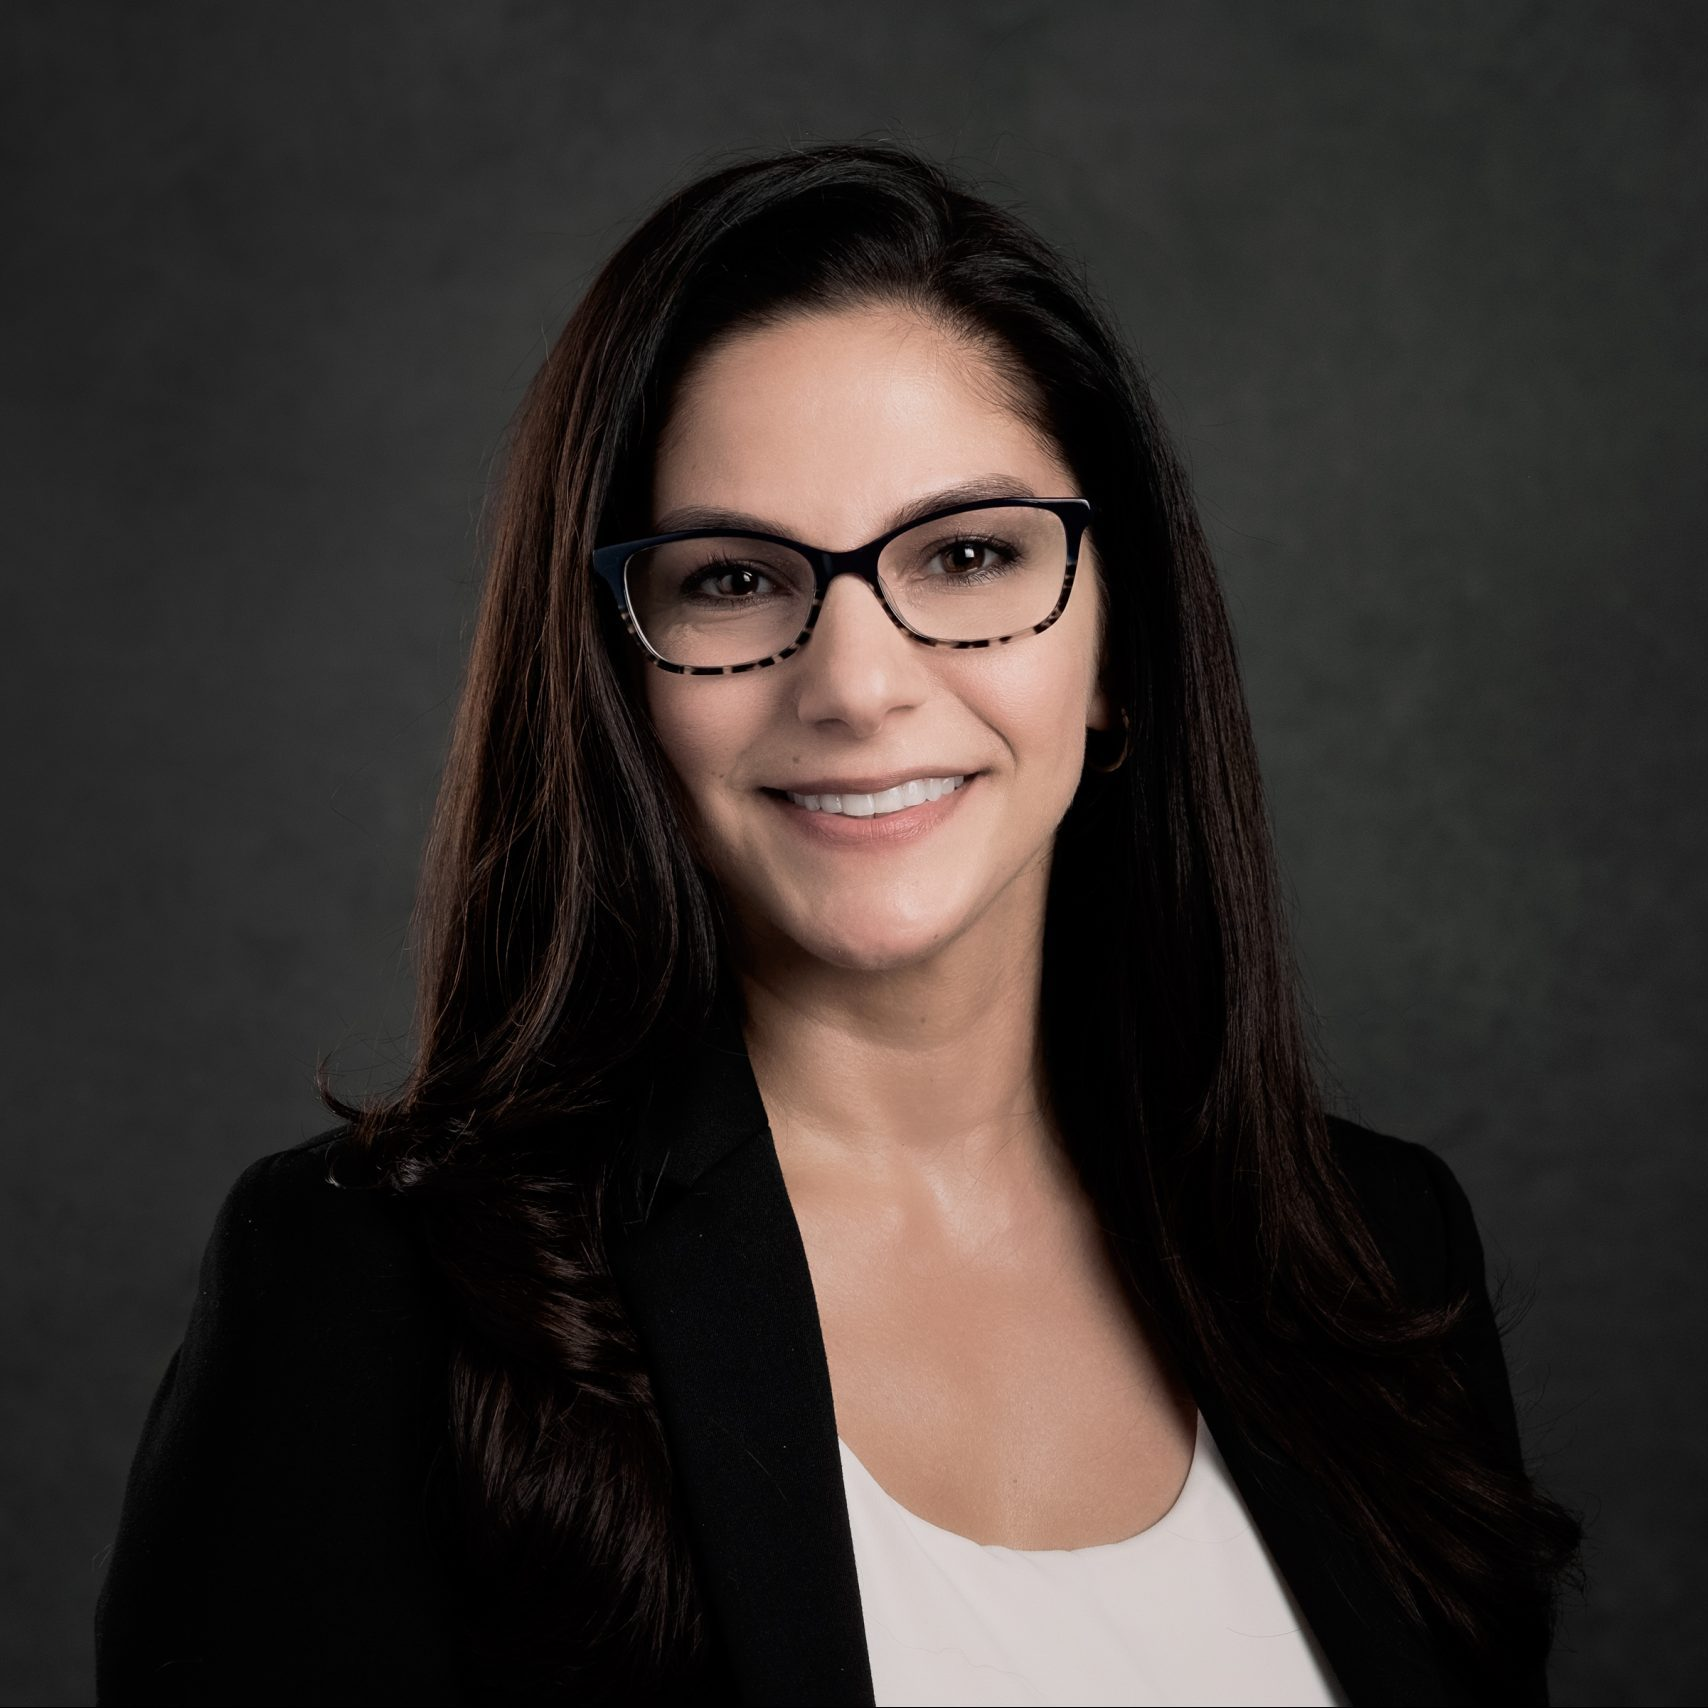 Cindy Palouian